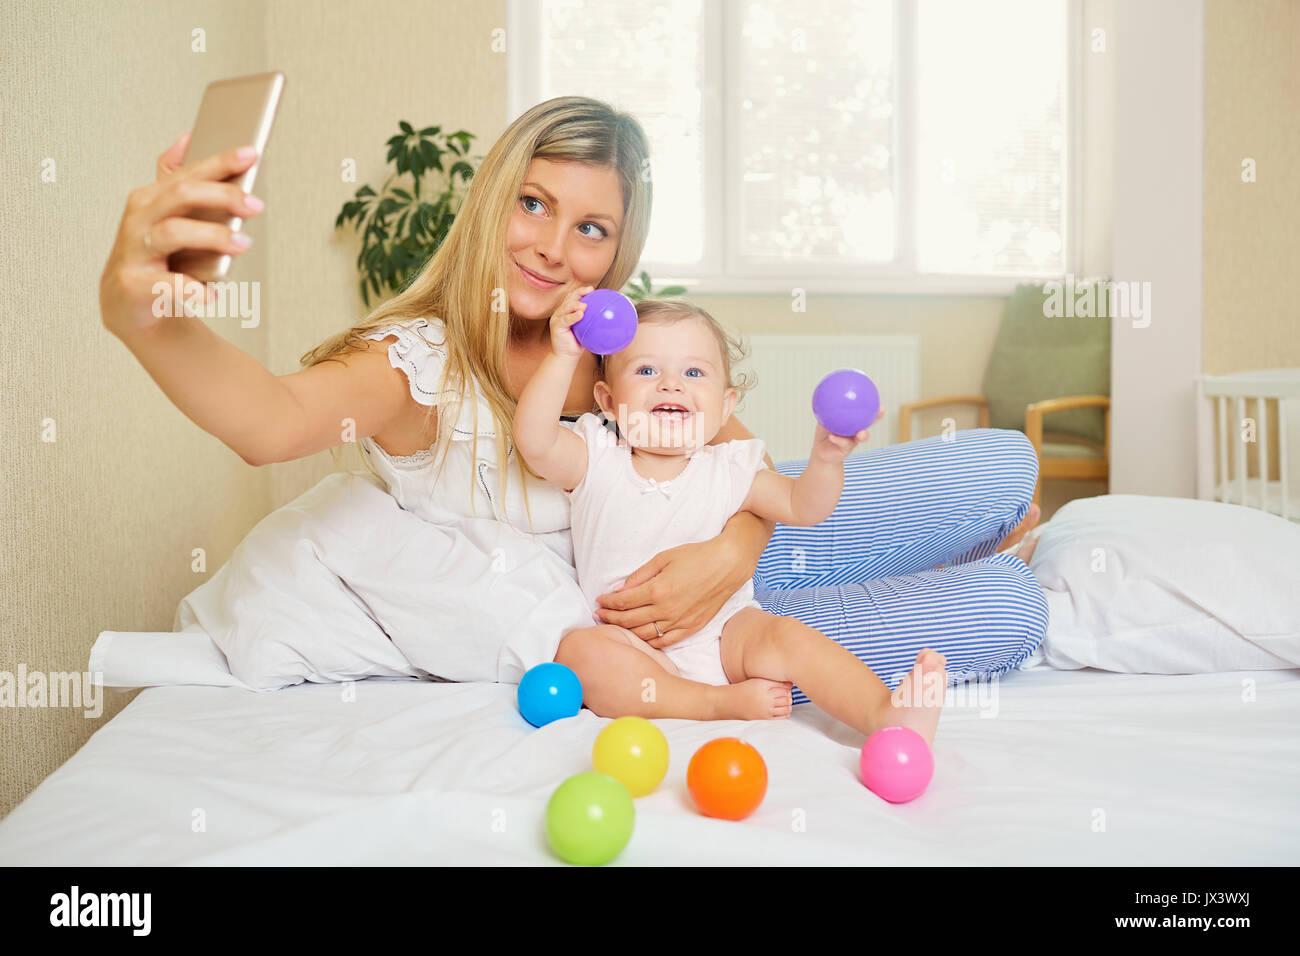 Mom rende una foto sul telefono con il bambino in camera. Salfie Immagini Stock